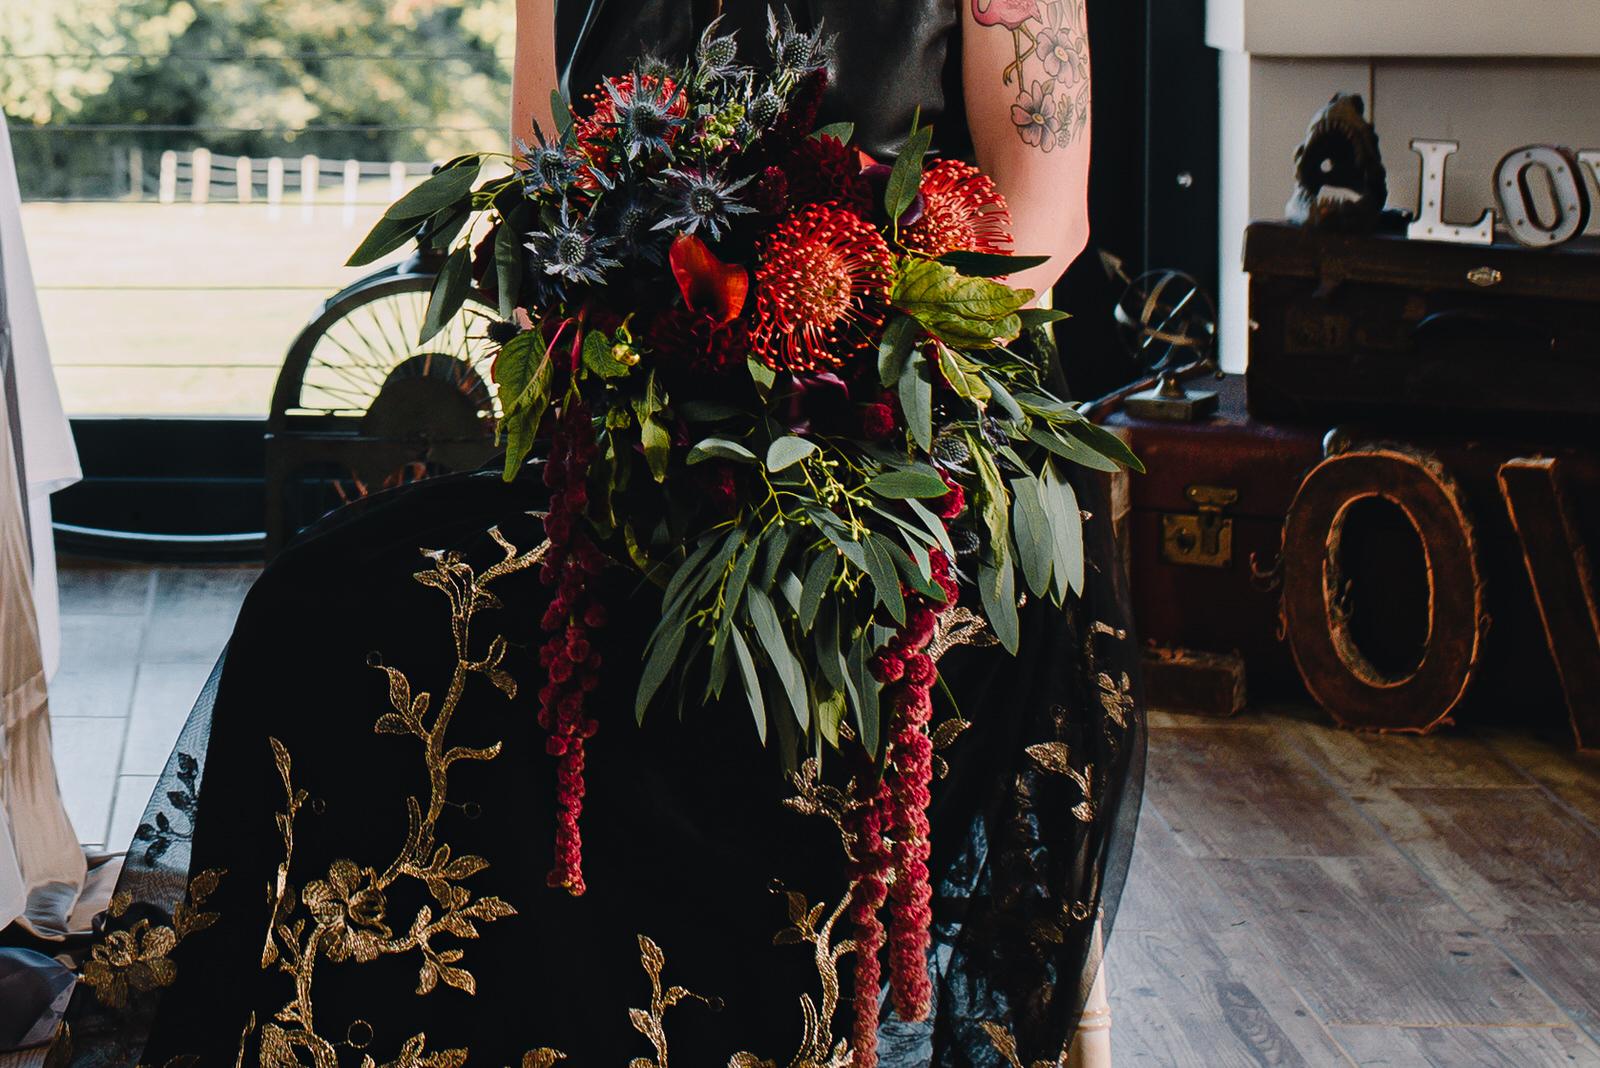 garden-weedon-industrial-bouquet-1